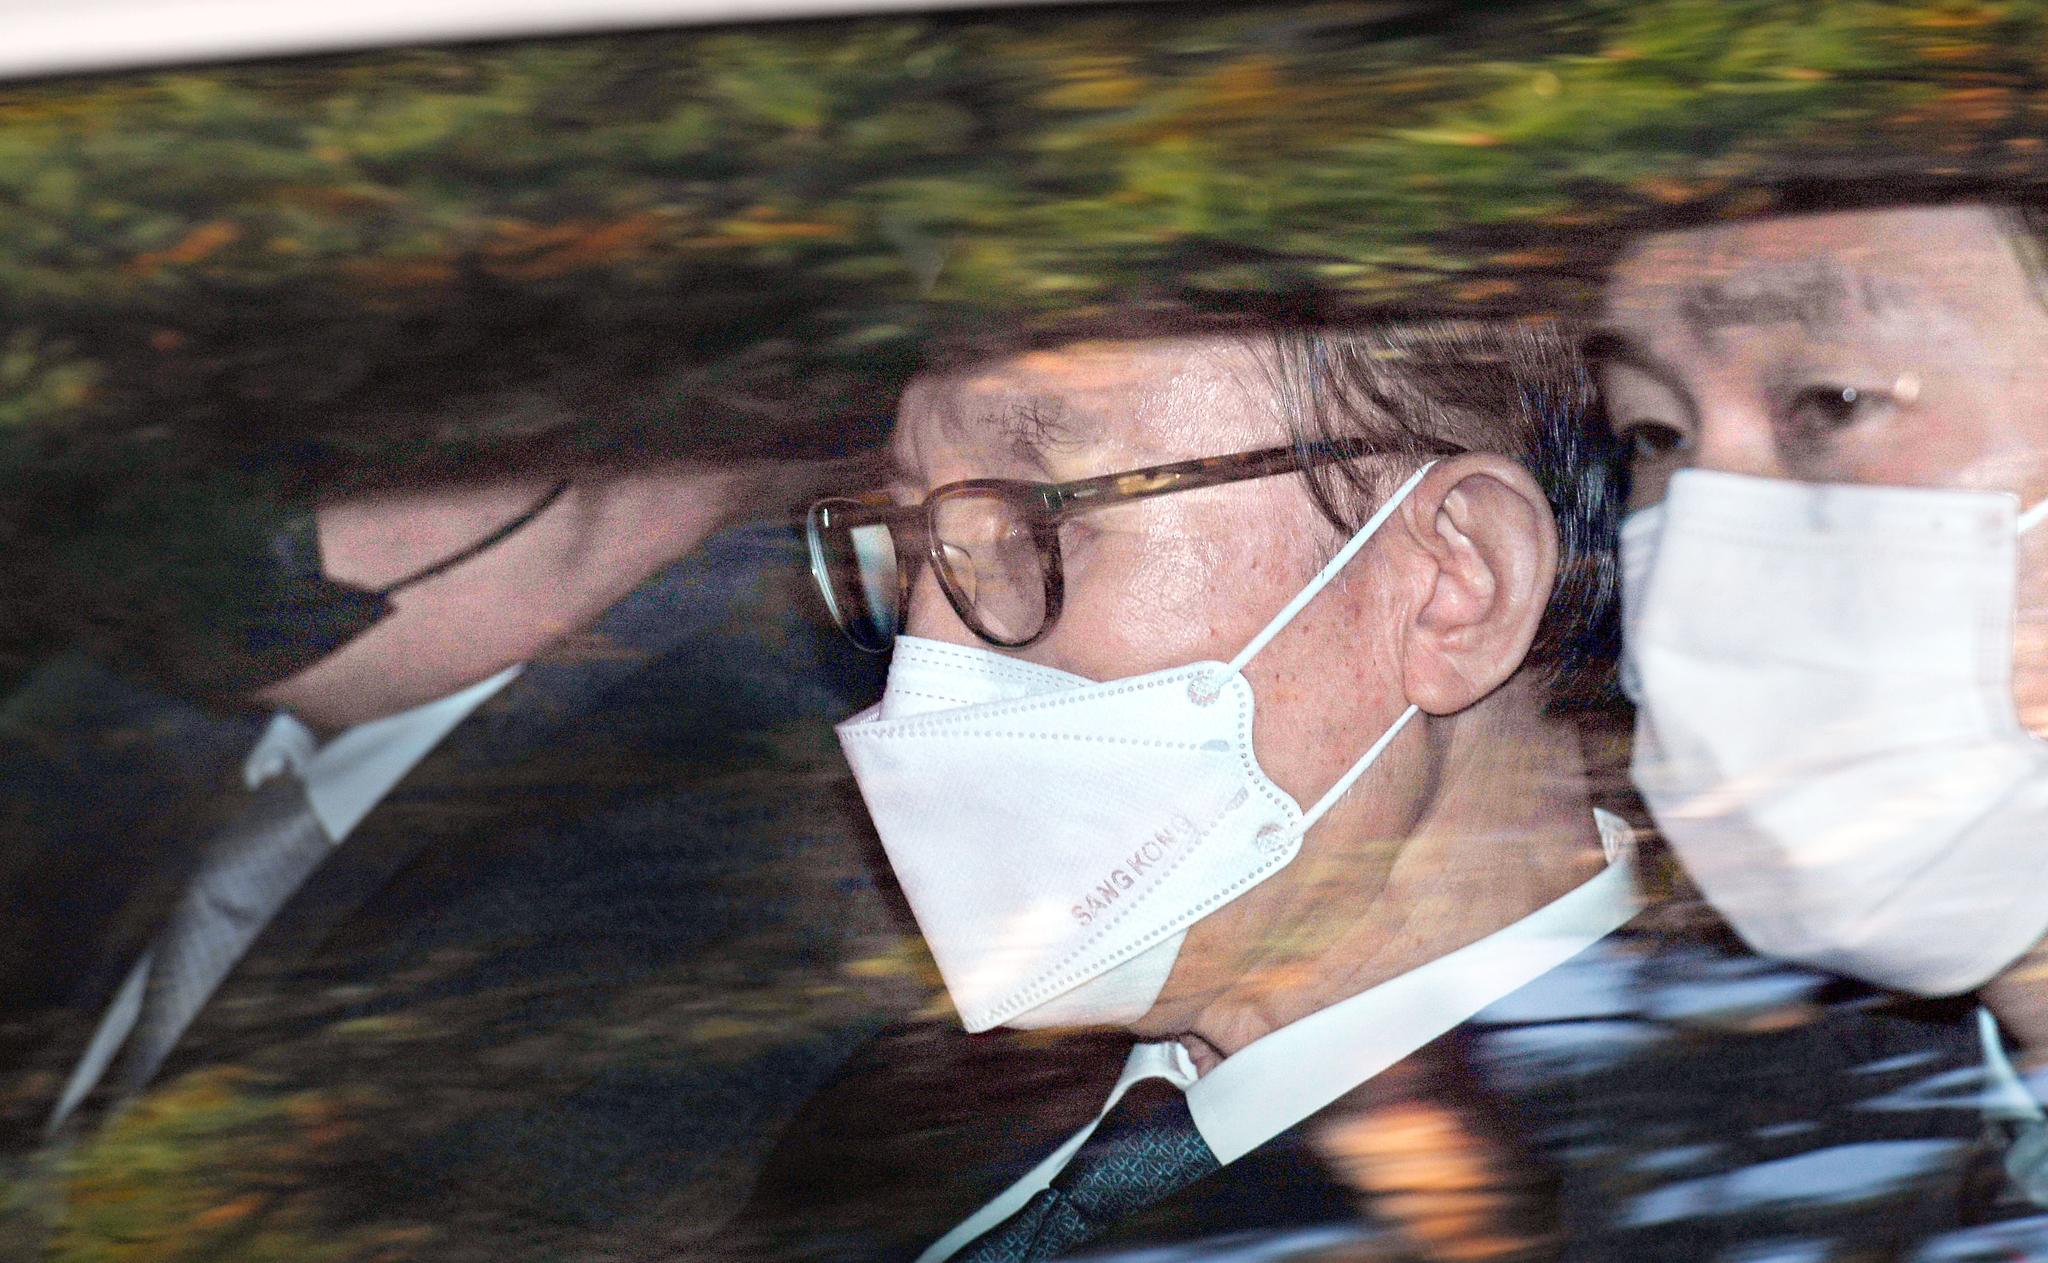 지난해 11월 22일 이명박 전 대통령이 서울 동부구치소로 수감되기 위해 서울 논현동 사저를 떠나고 있다. 중앙포토